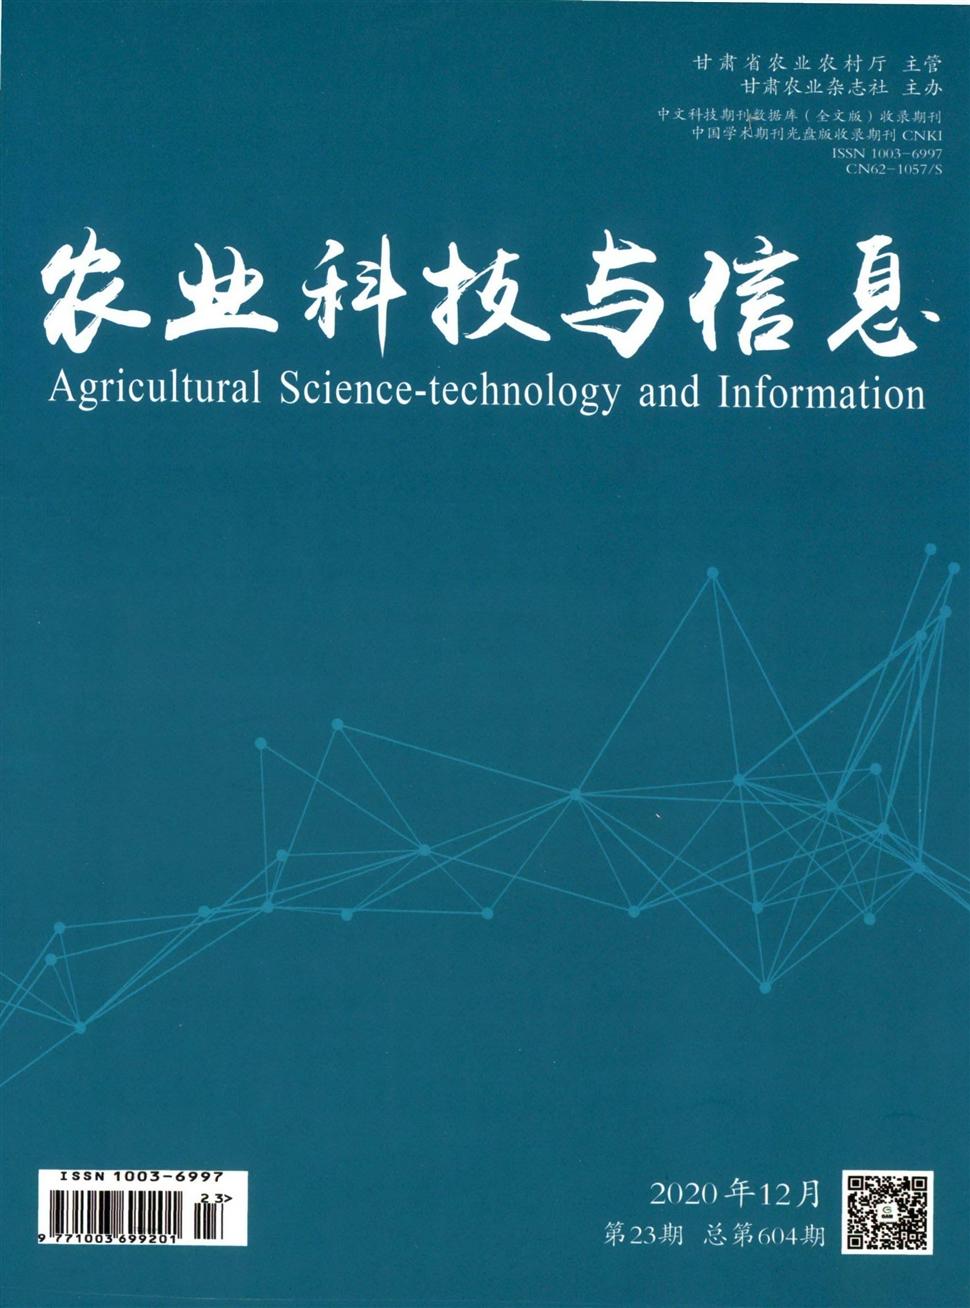 《农业科技与信息》